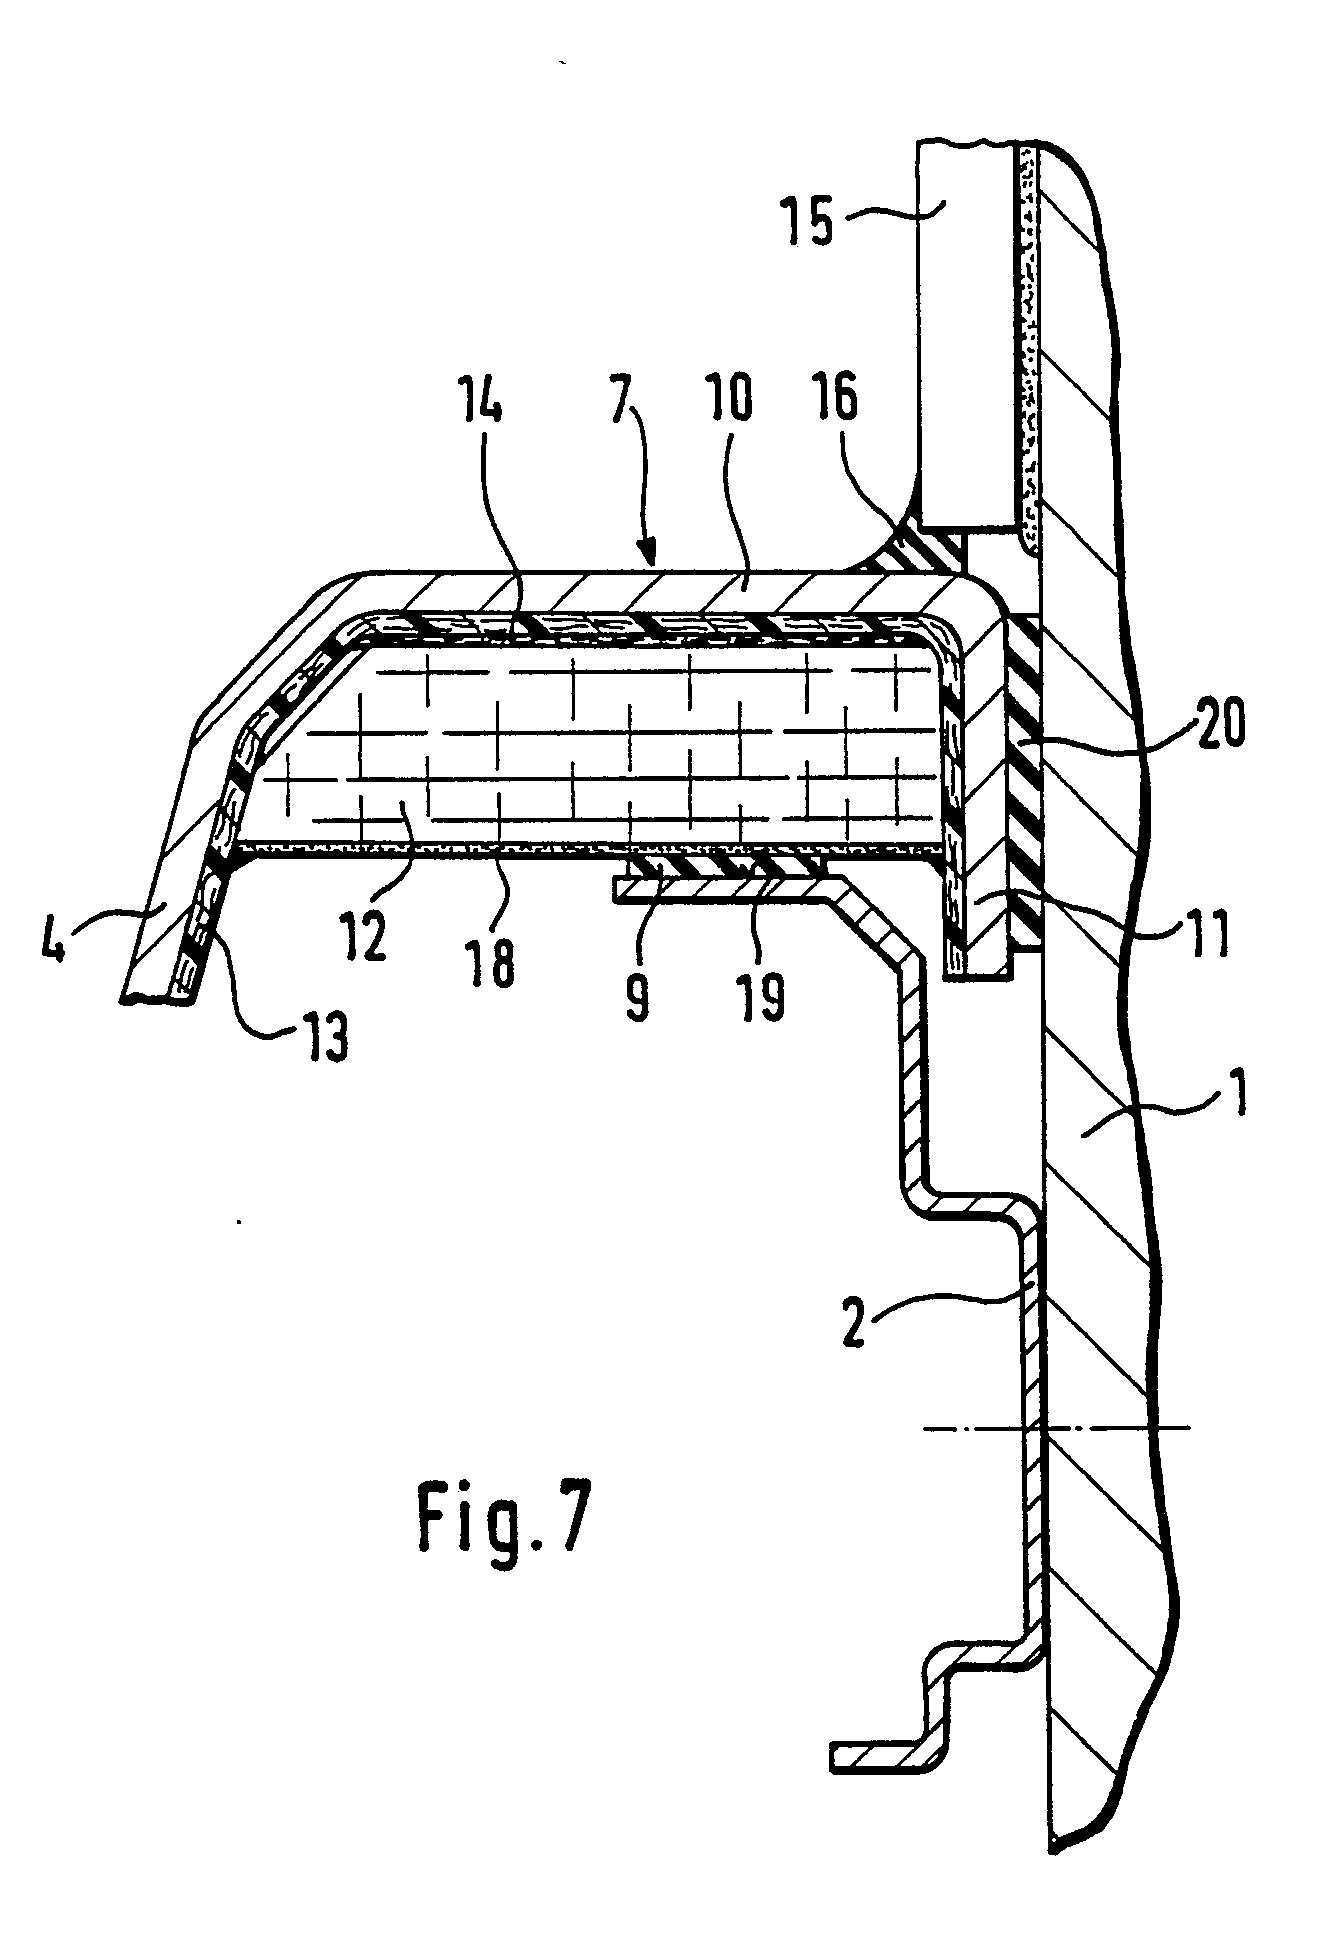 patent ep0376046a1 verfahren zum einbau einer wanne und wanne insbesondere zur verwendung bei. Black Bedroom Furniture Sets. Home Design Ideas